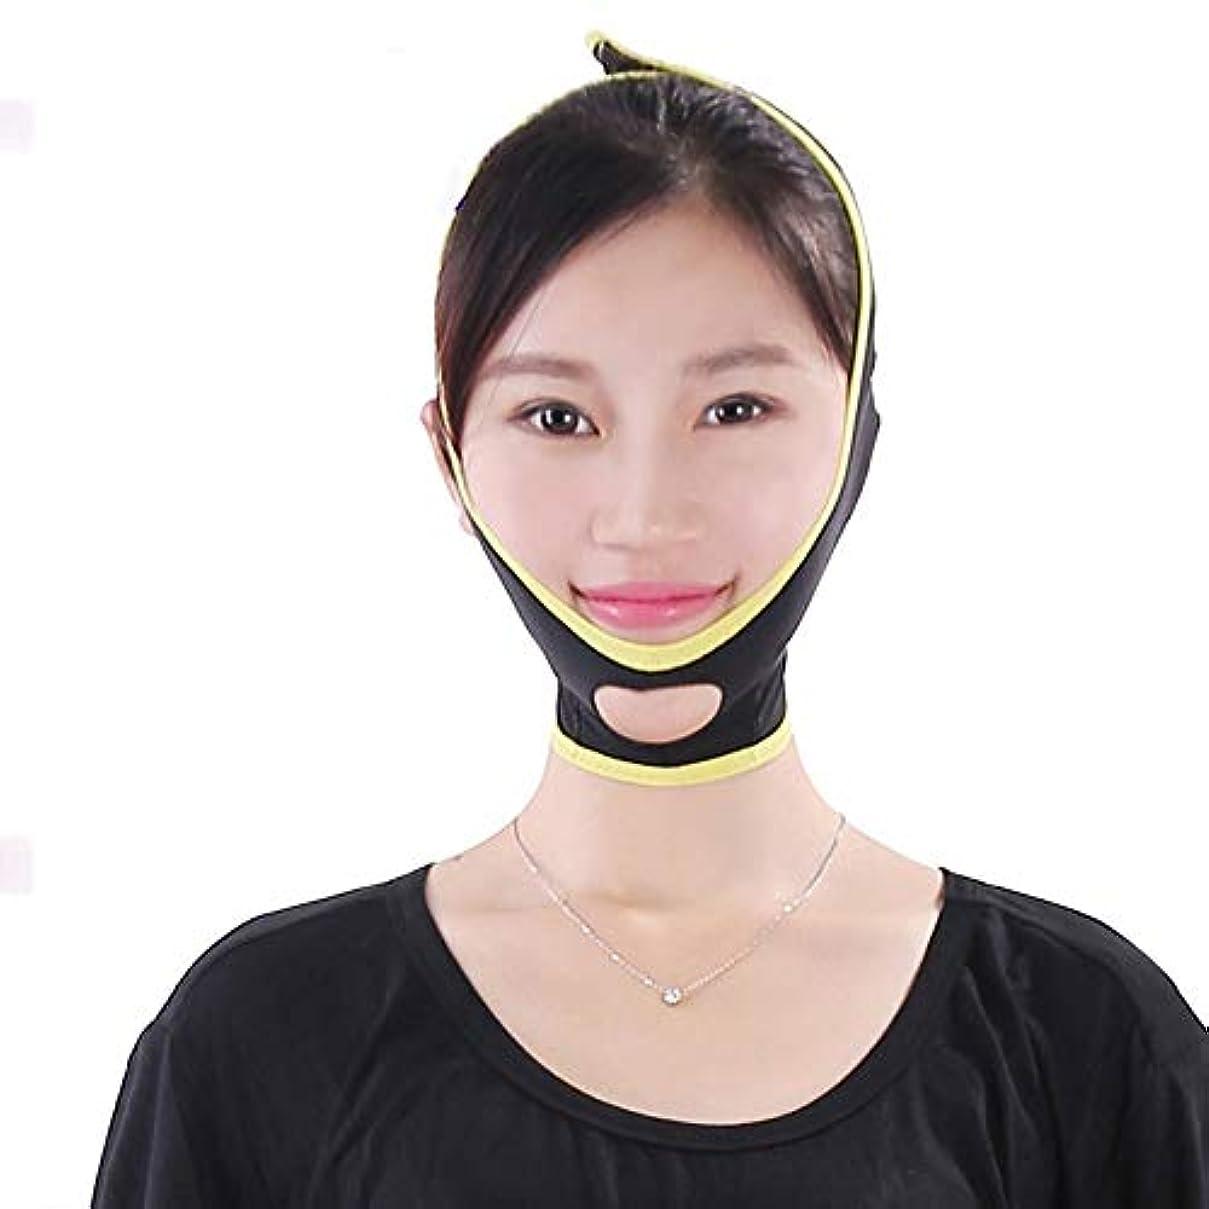 出くわす食堂篭Vフェイスマスク、フェイスリフティングアーティファクト、美容マスク、顔のしわ防止、減量、二重あご